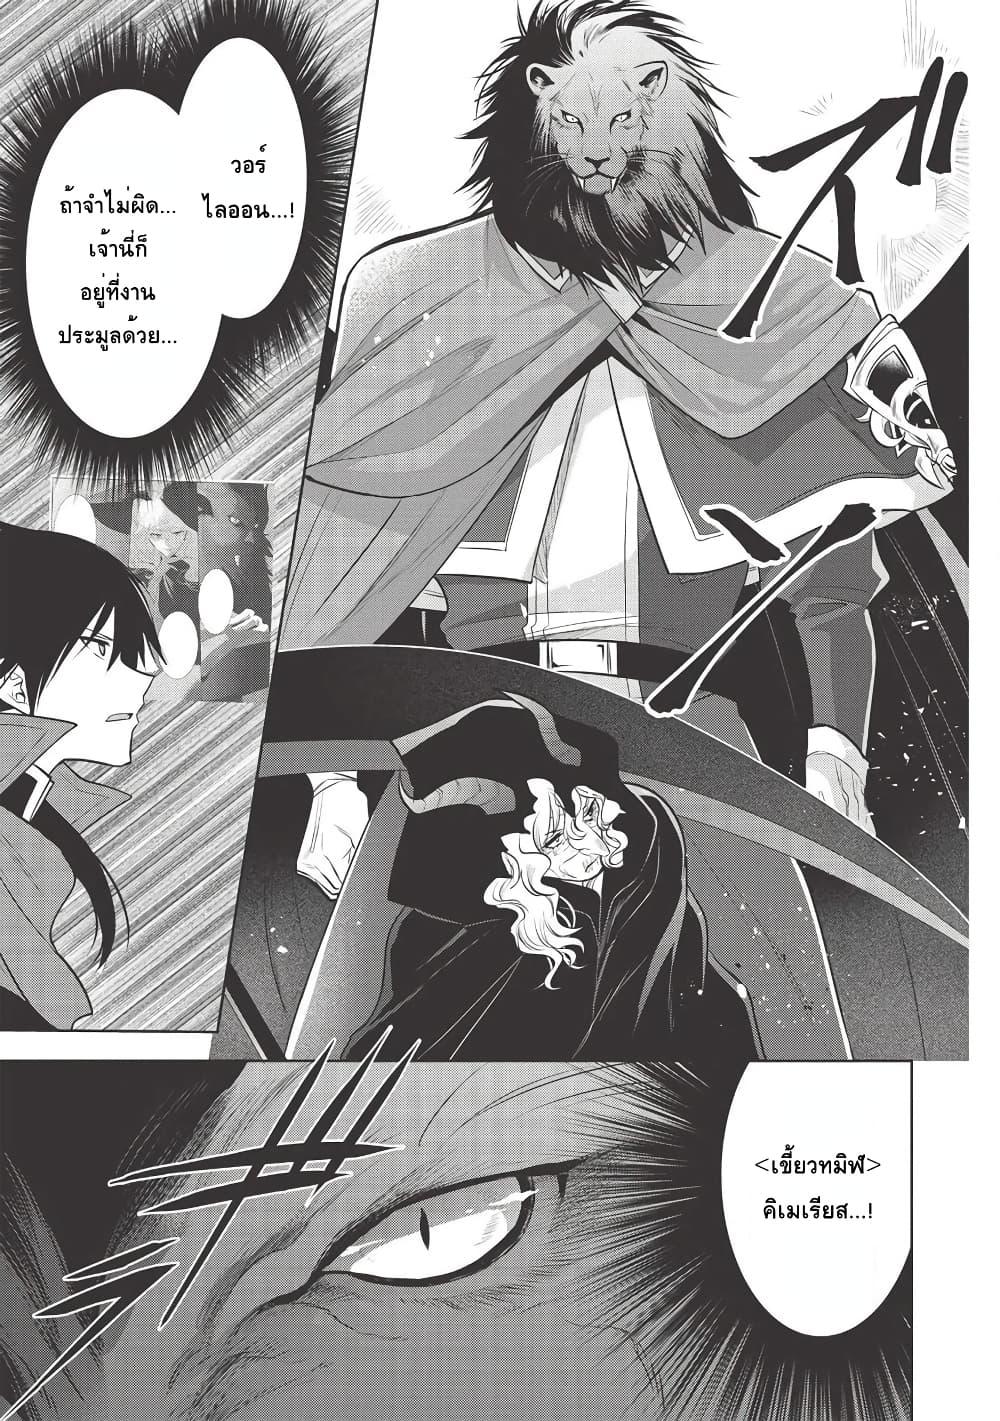 อ่านการ์ตูน Maou no Ore ga Dorei Elf wo Yome ni Shitanda ga Dou Medereba Ii ตอนที่ 28 หน้าที่ 25